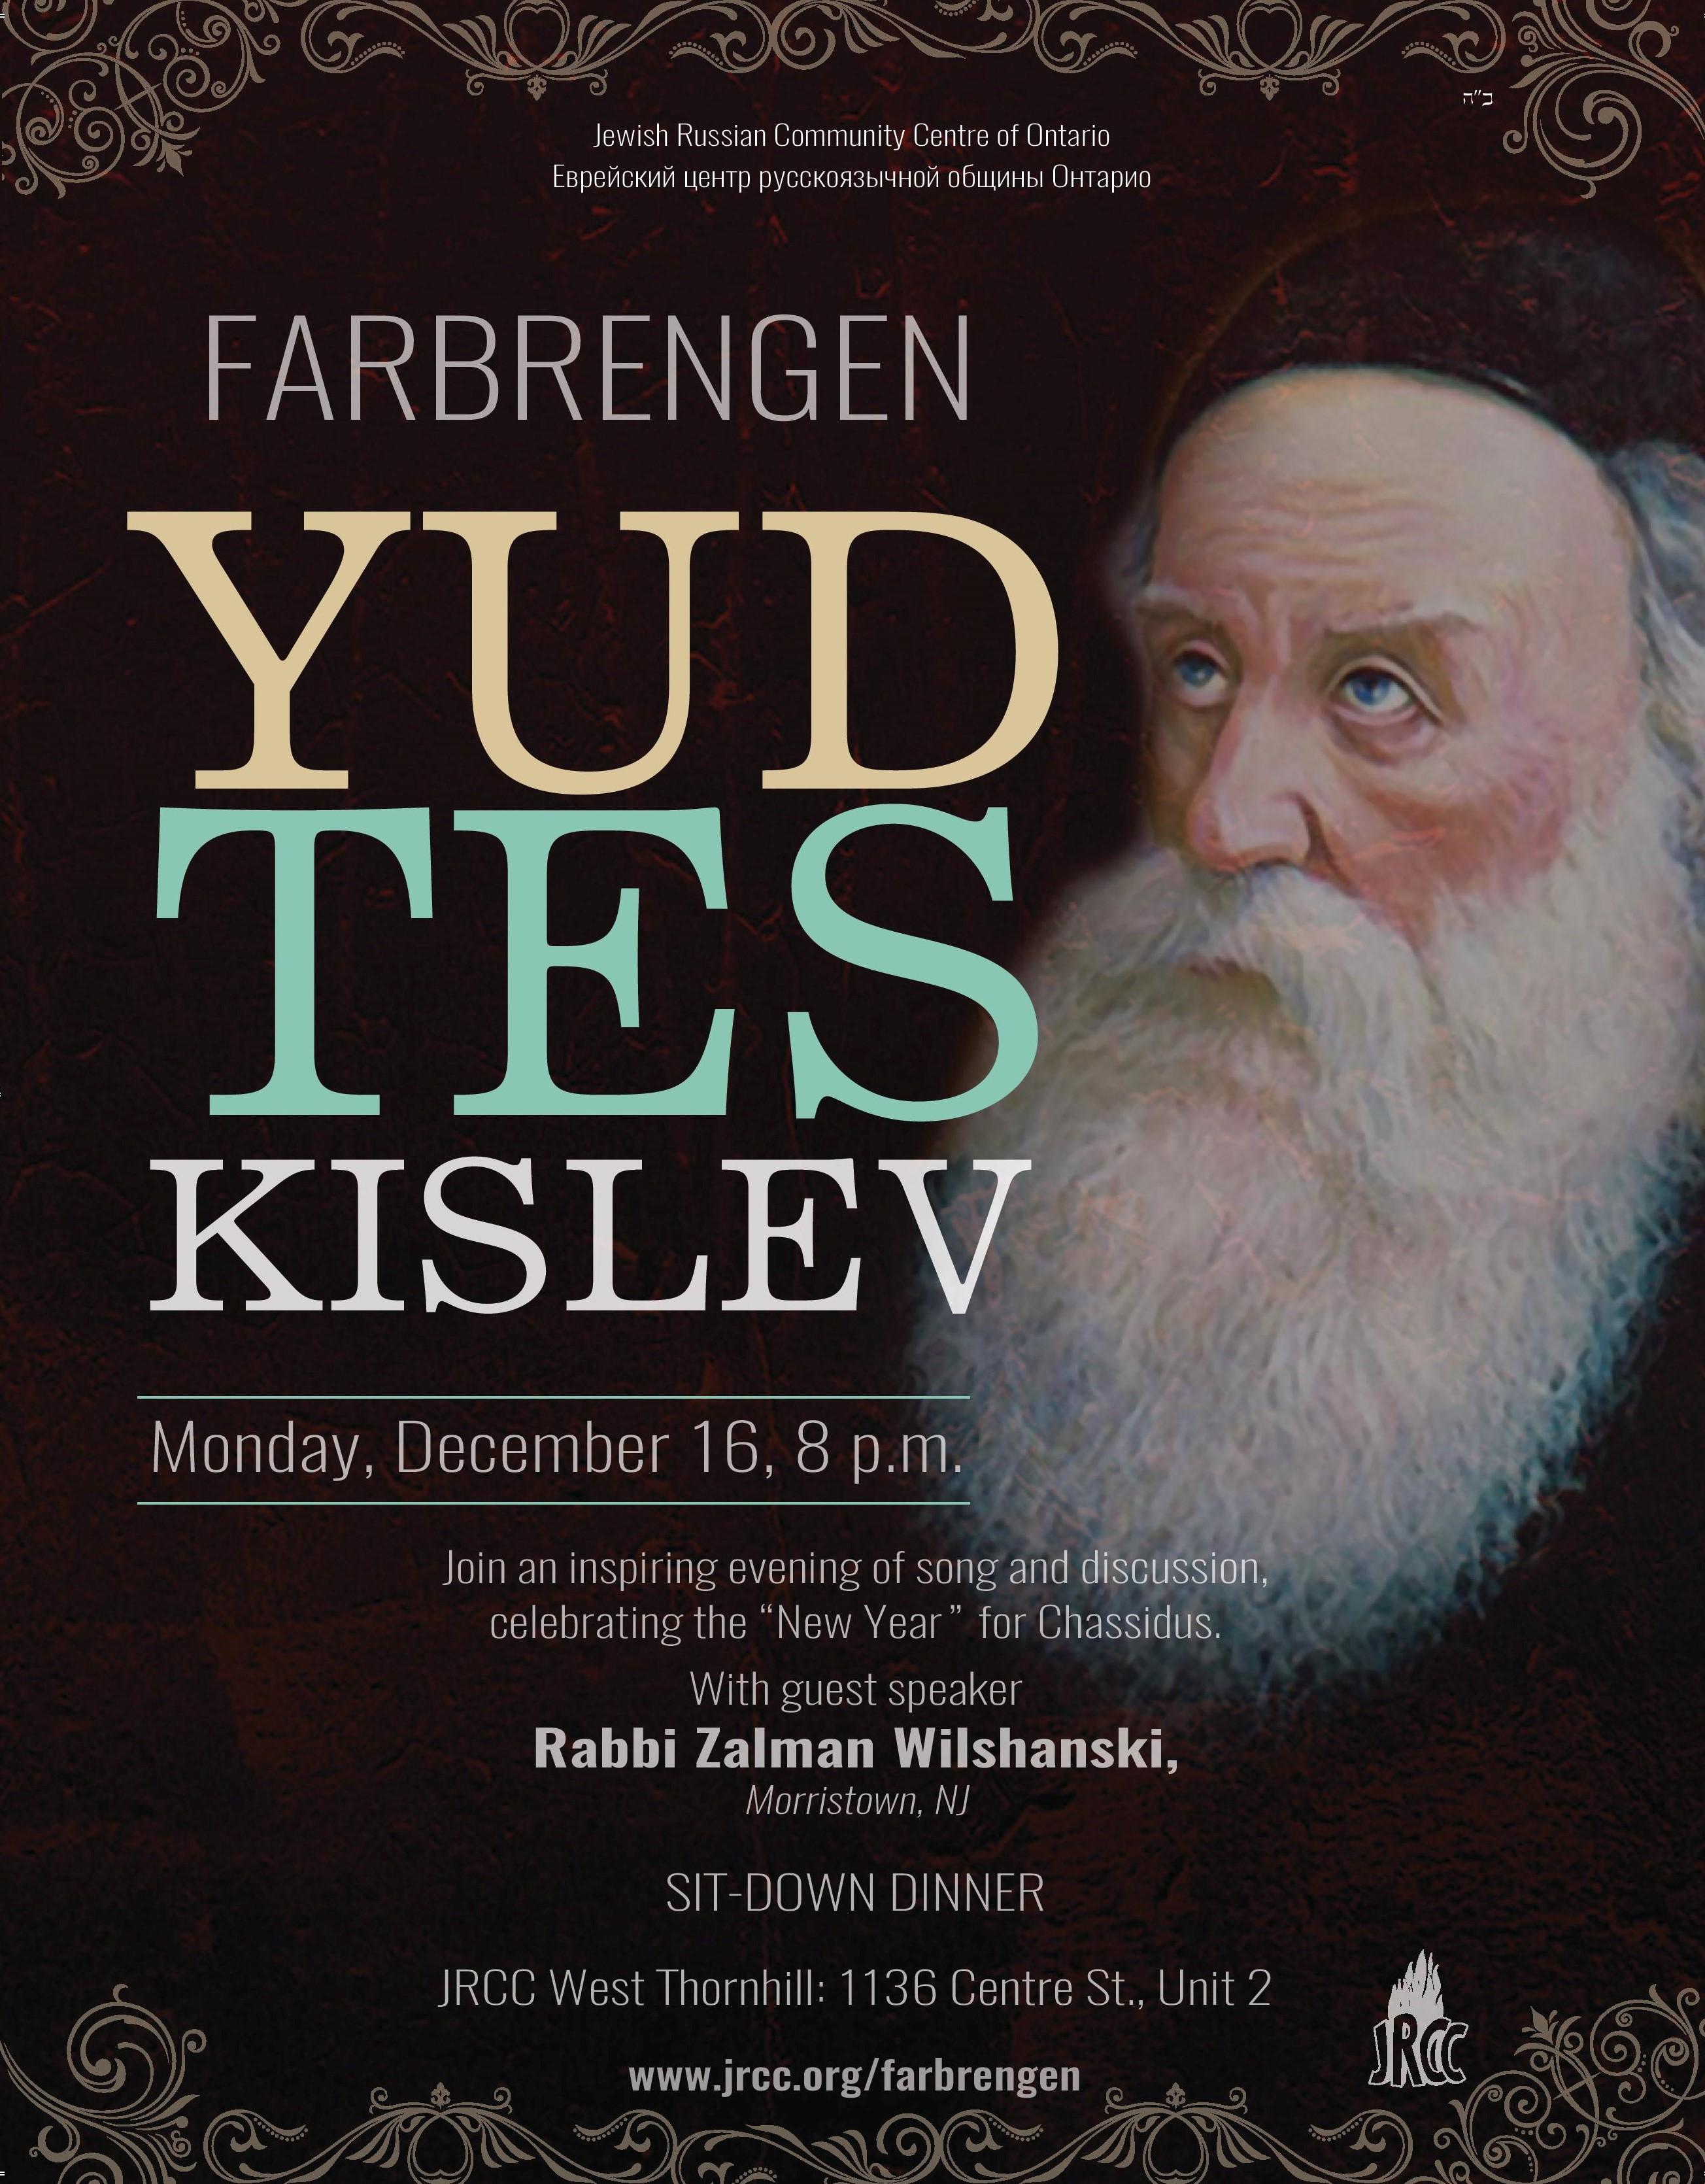 Yud_tes-Kislev_19-page-001.jpg